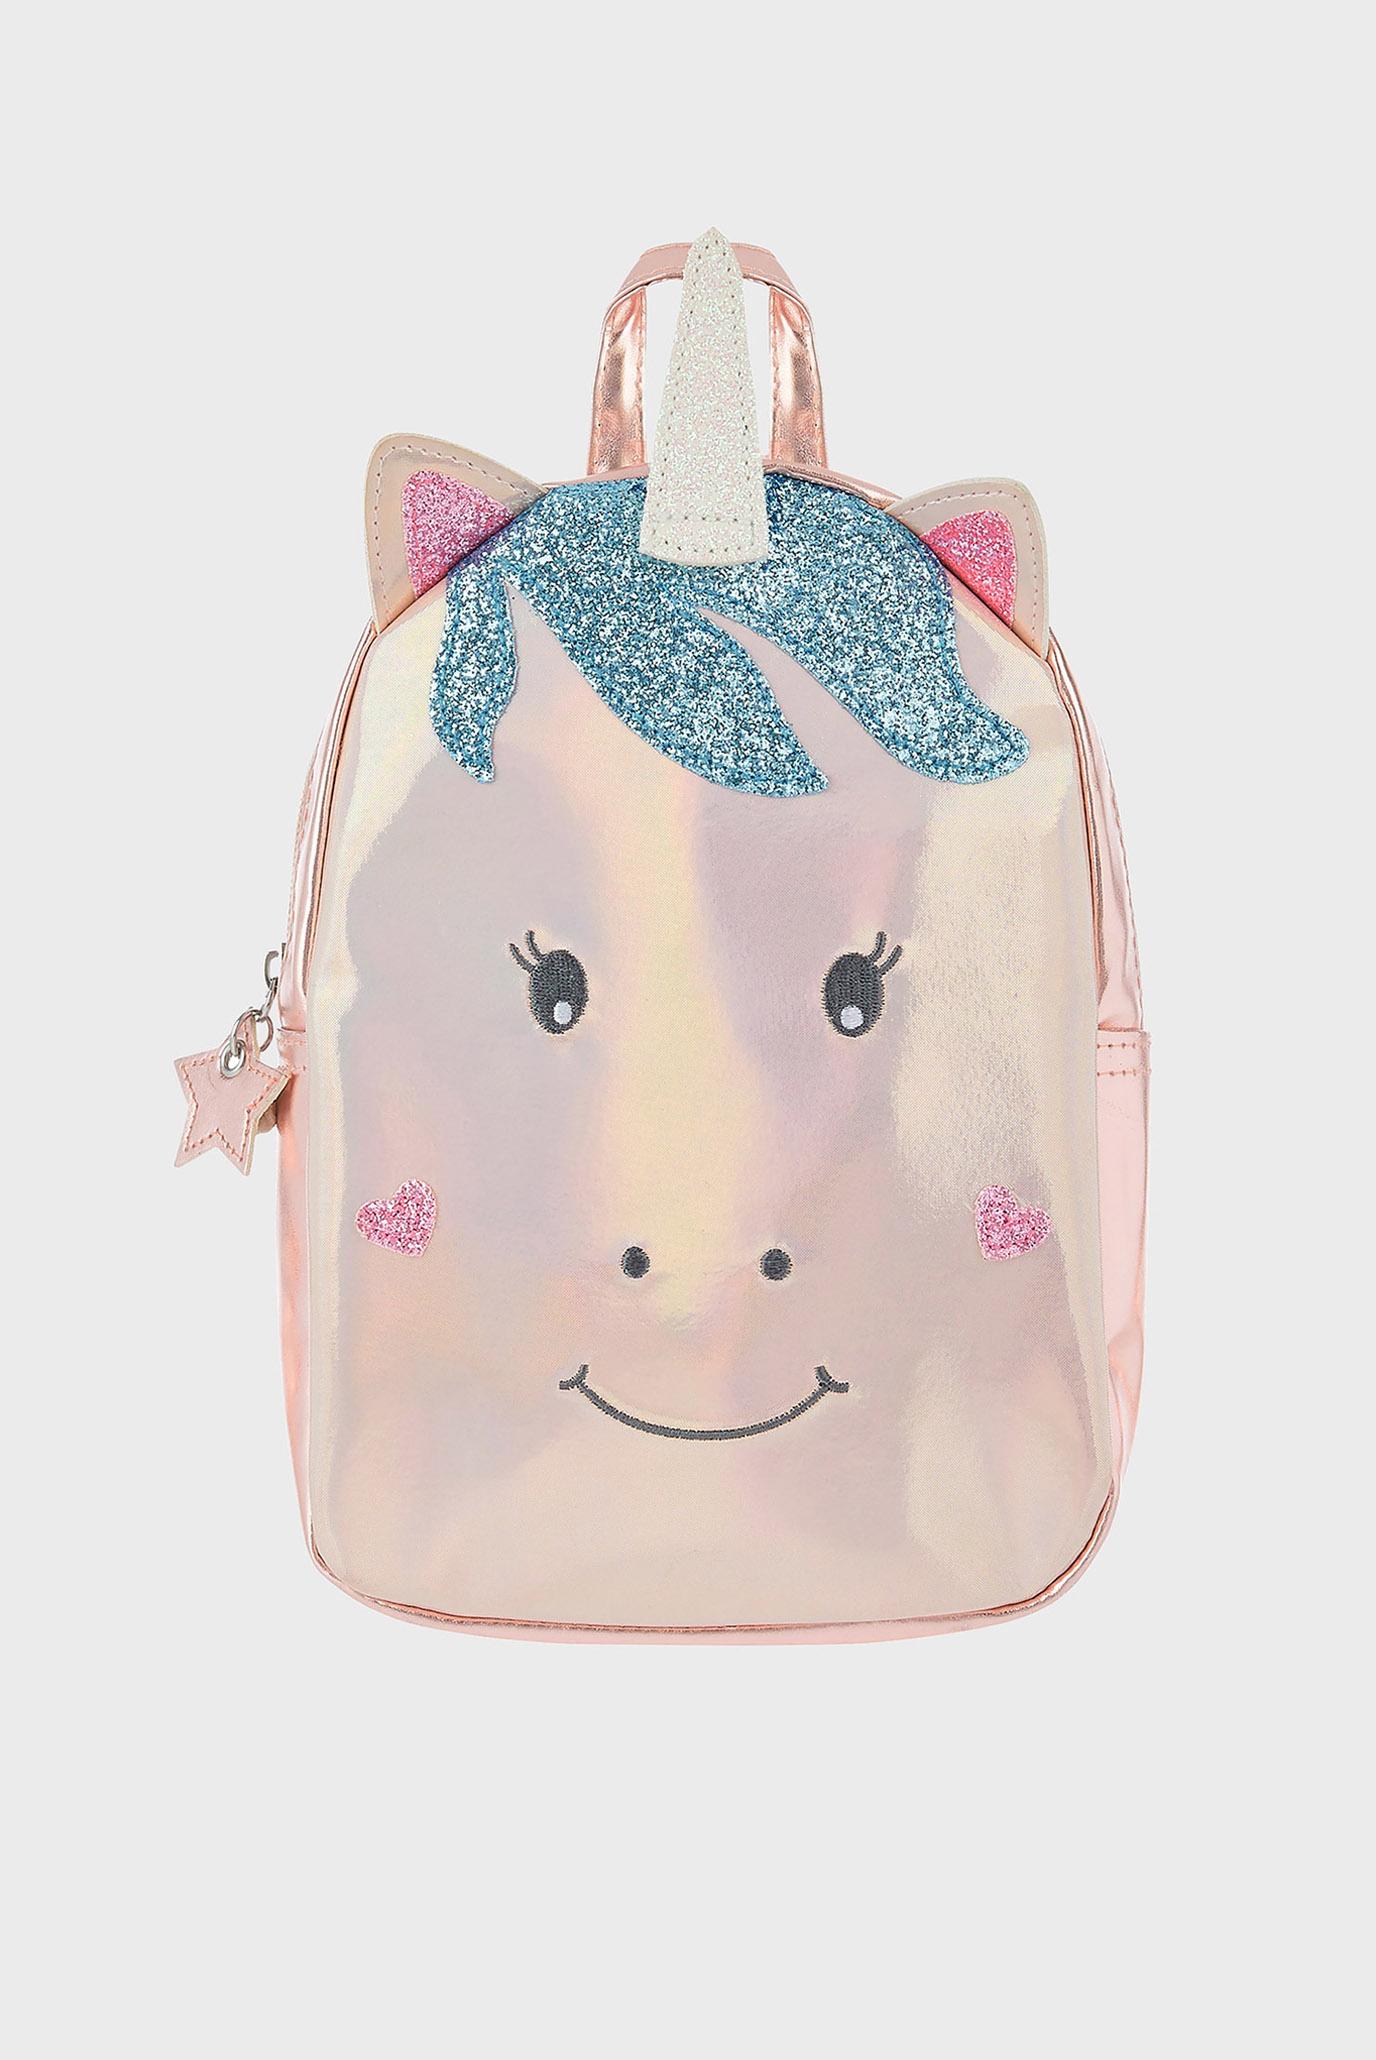 Купить Детский розовый рюкзак UNICORN CHARACTER Accessorize Accessorize 683006 – Киев, Украина. Цены в интернет магазине MD Fashion